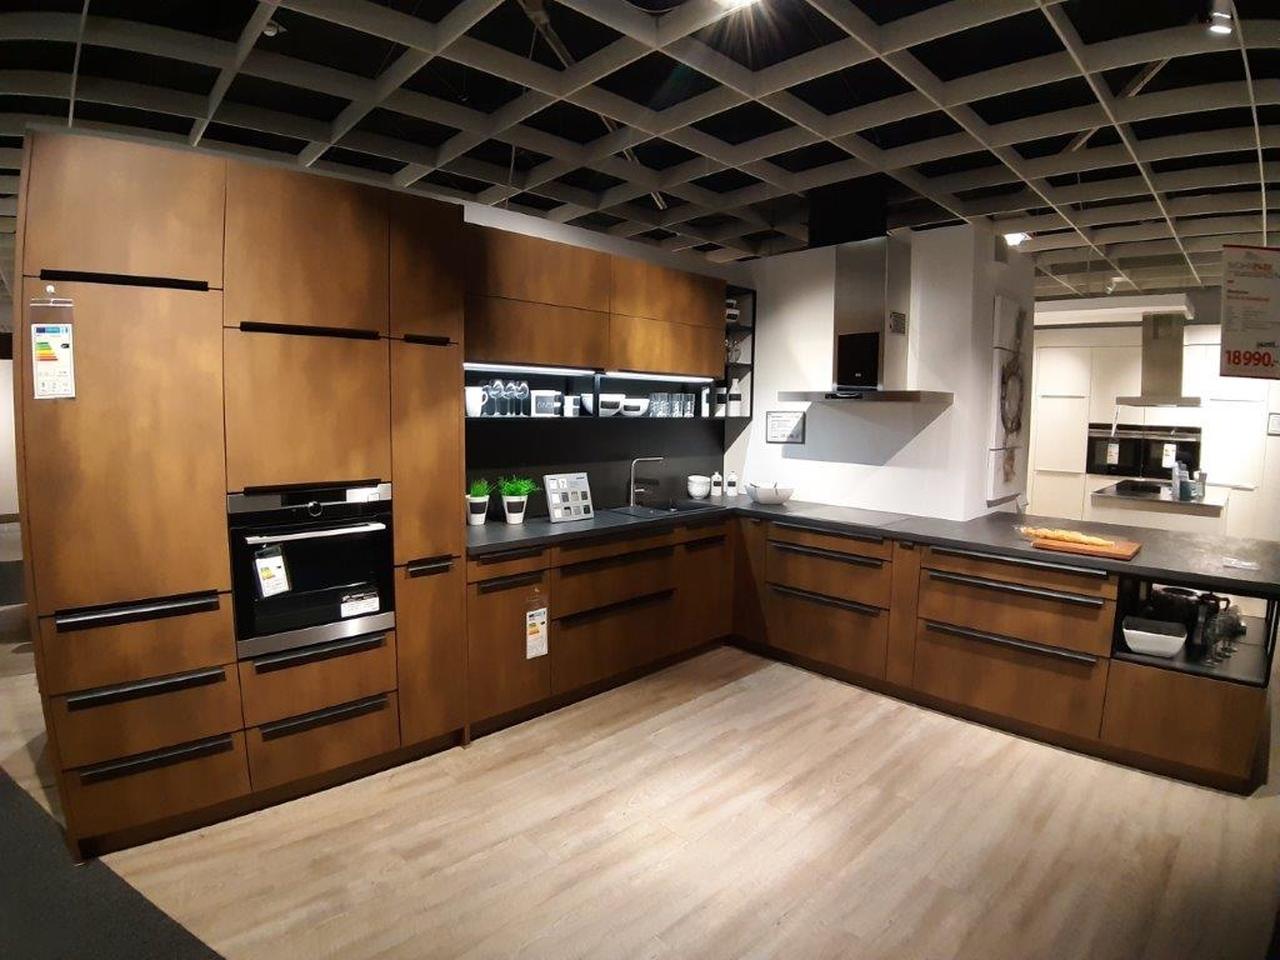 Full Size of Ausstellungskchen Zu Sonderpreisen Mbelmarkt Dogern Küchen Regal Bad Abverkauf Inselküche Wohnzimmer Walden Küchen Abverkauf